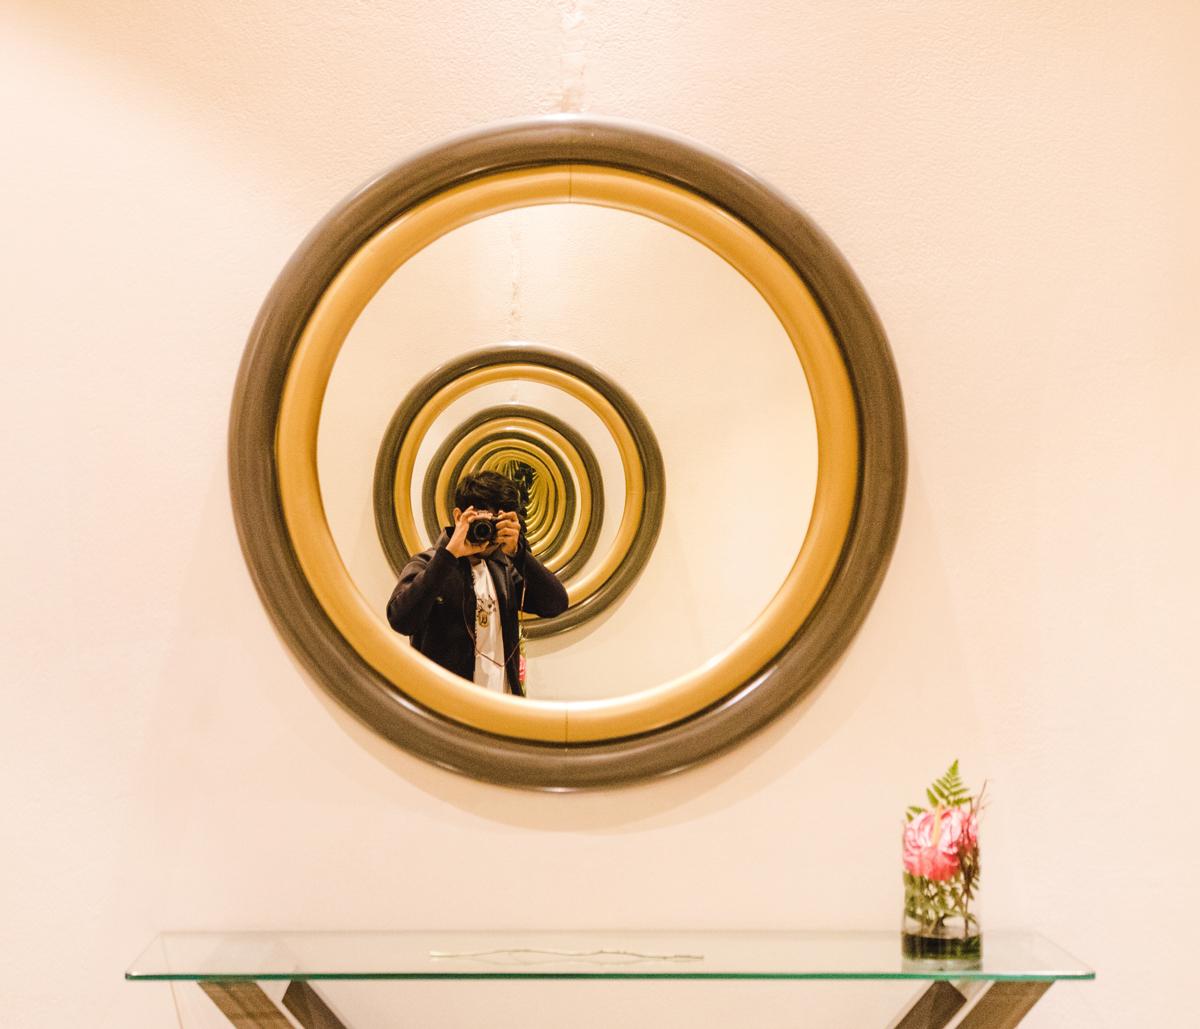 Autorretrato en un espejo surrealista